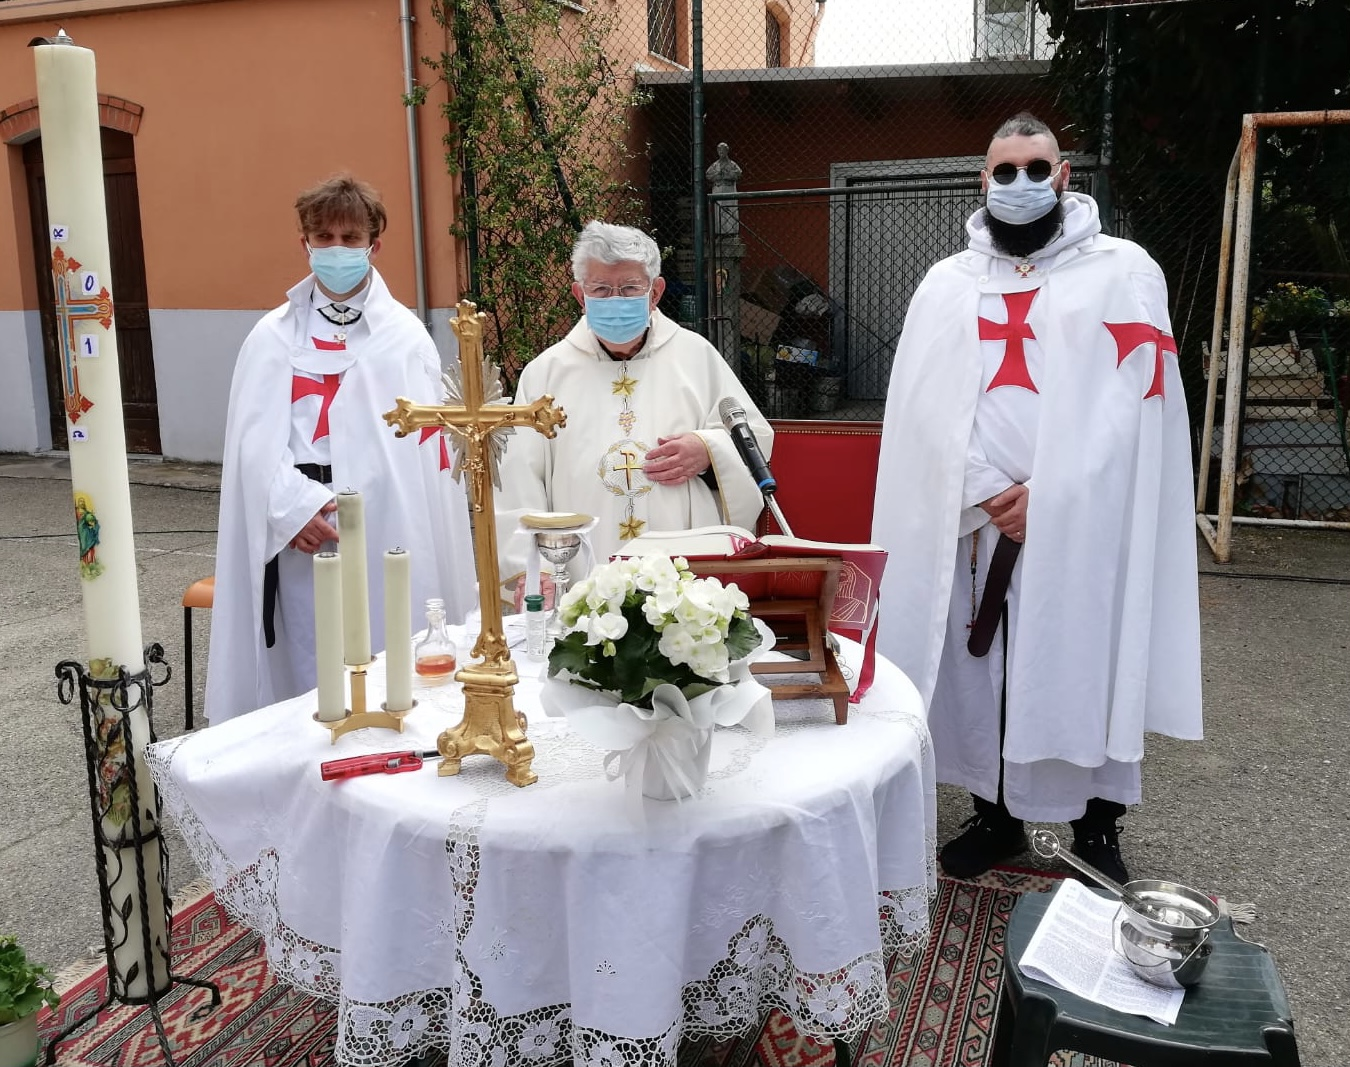 Partecipazione Santa Messa di Pasqua – Chiesa Assunzione di Maria Vergine – Pontesanto(BO) 04.04.2021